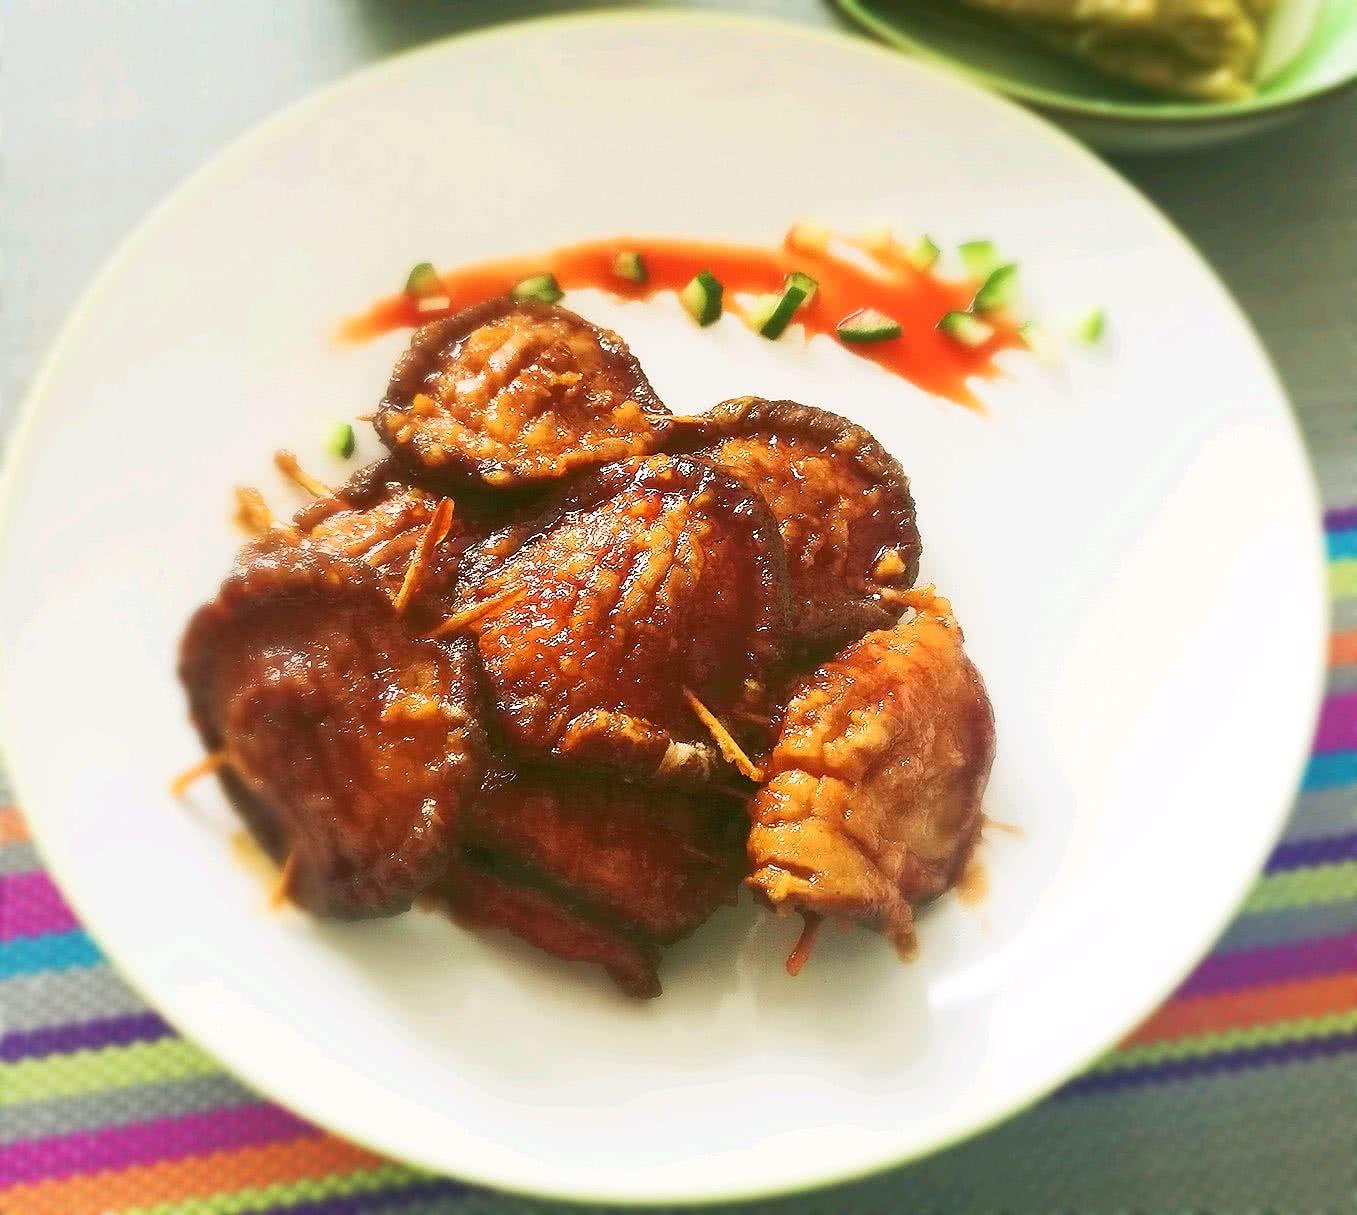 素美食的菜谱_大全_豆果家常鲍鱼大白菜的做法咸肉做法图片